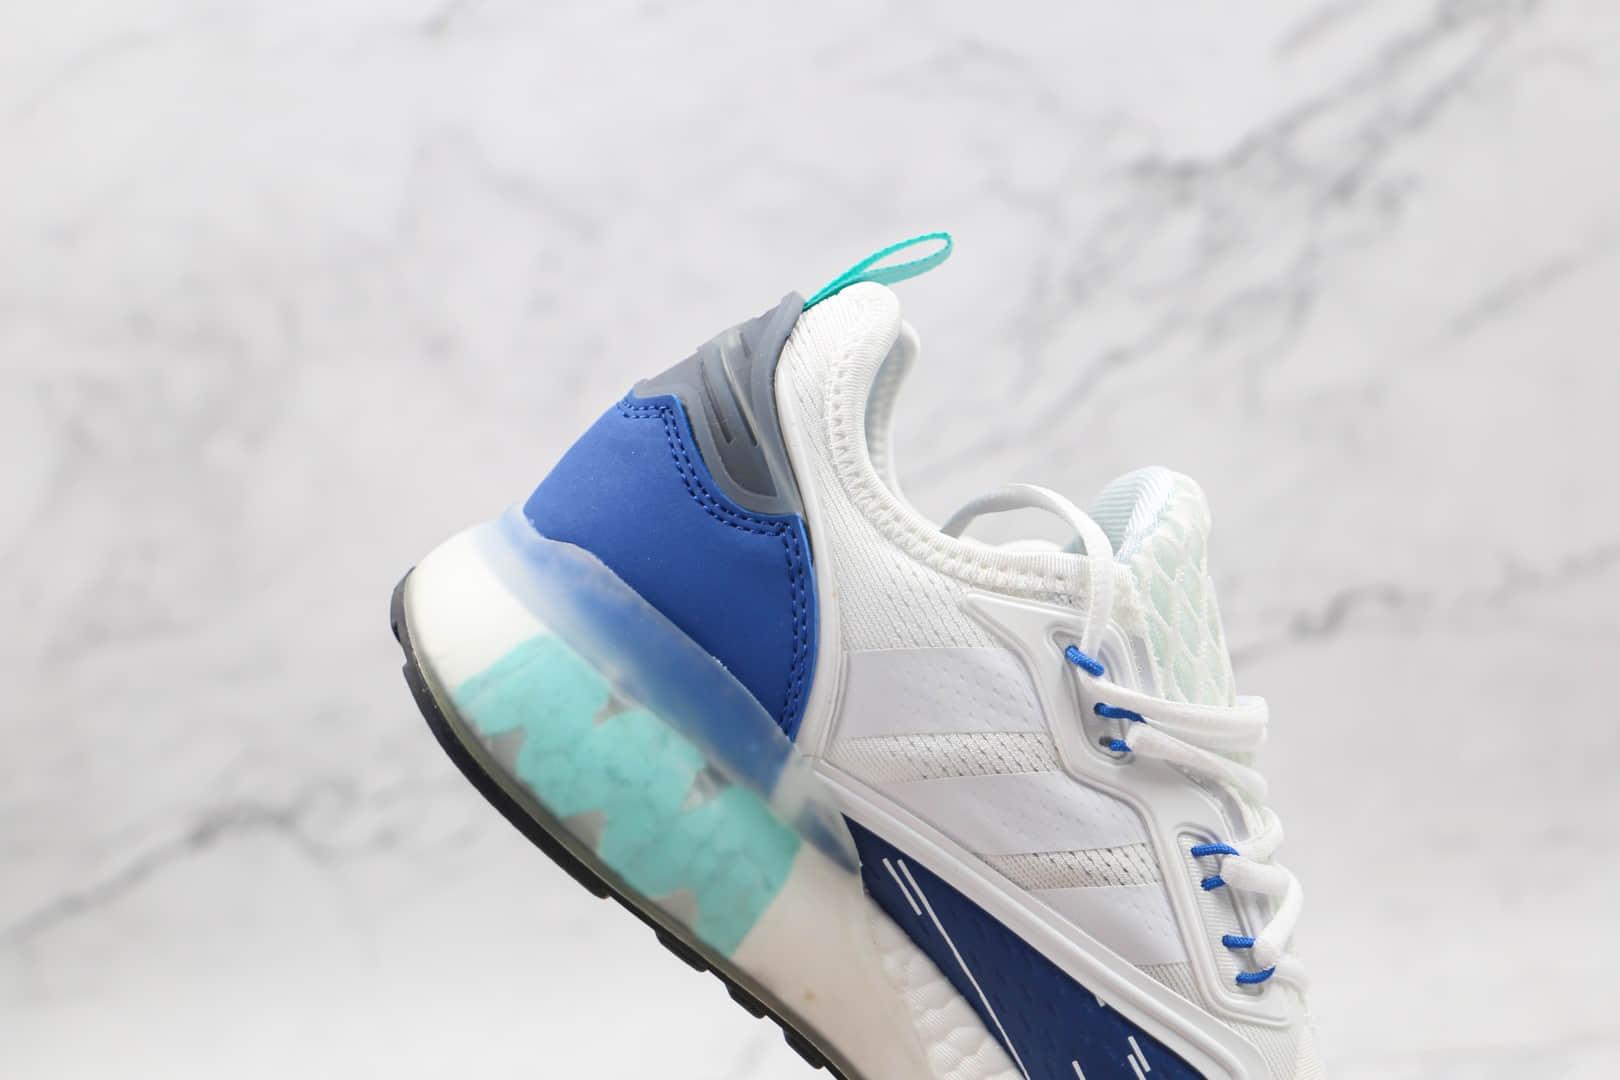 阿迪达斯Adidas Originals ZX 2K Boost纯原版本易烊千玺同款三叶草爆米花缓震跑鞋白蓝色原纸版数据开发 货号:HO5148